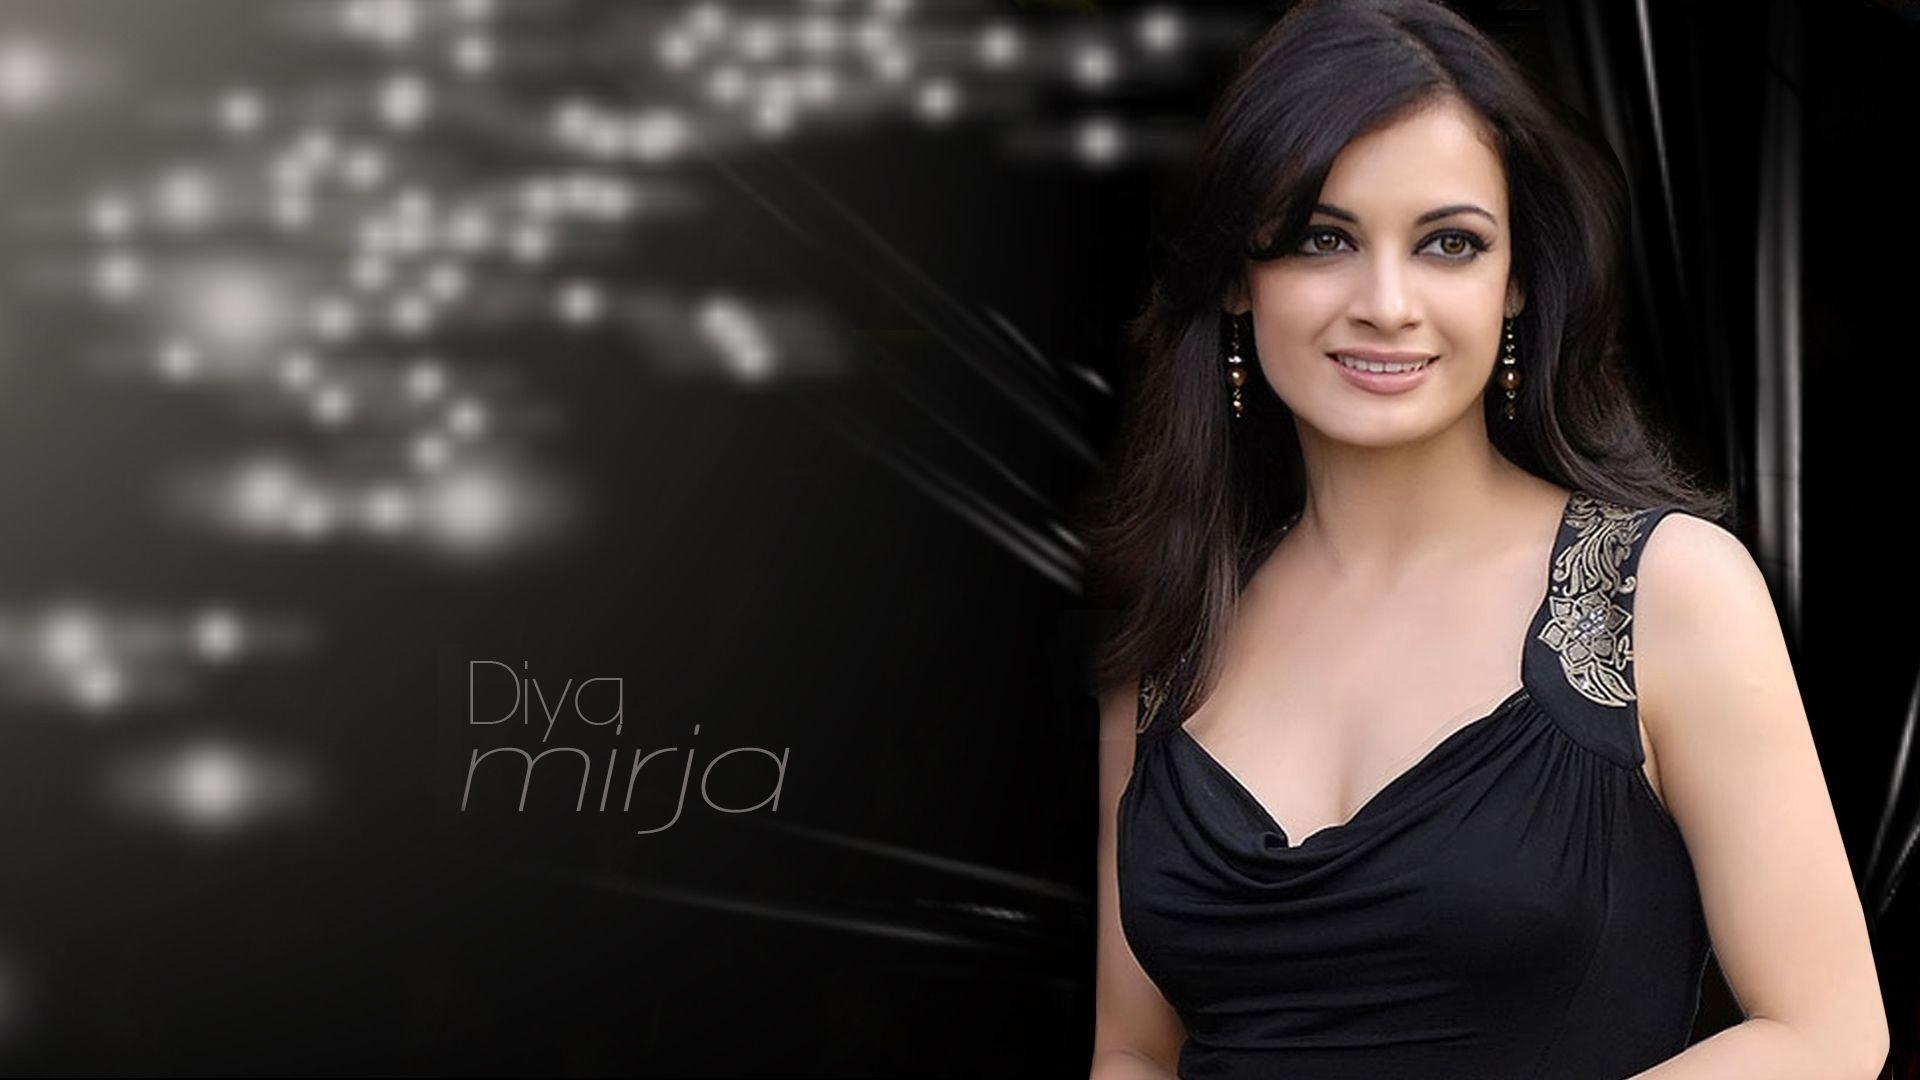 1920x1080 bollywood actress hd wallpapers 1080p diya mirja - Most popular hd wallpapers 1080p ...